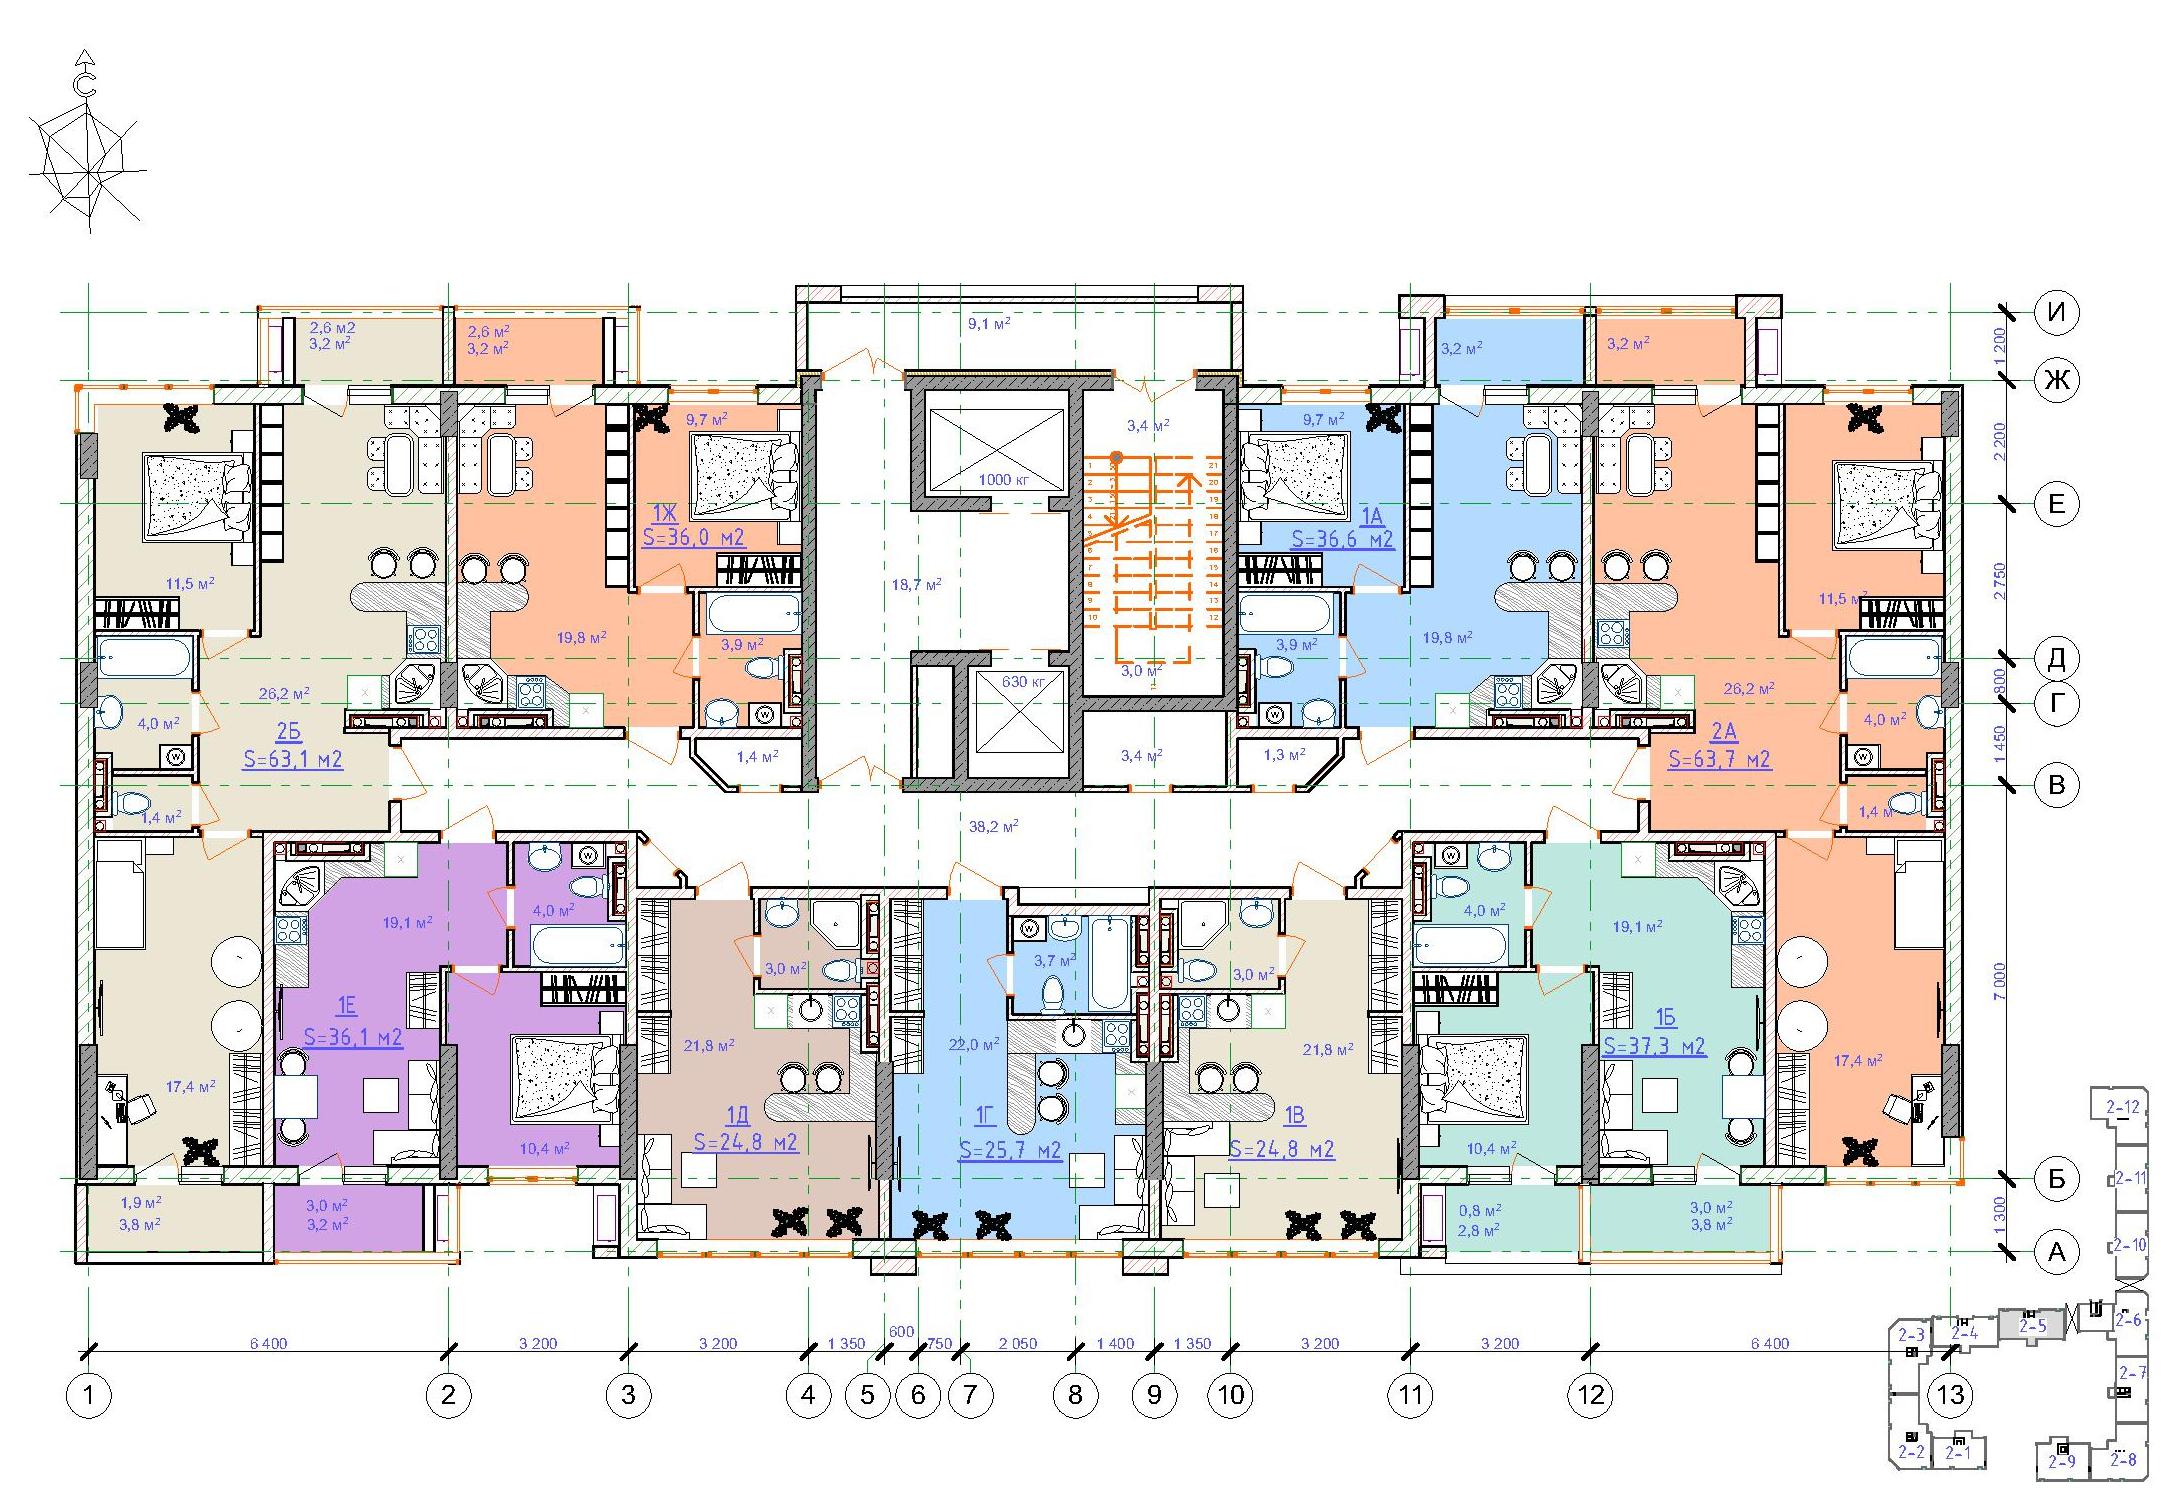 ЖК Таировские сады / Дом №2 / Секция 5 / План 12 этажа